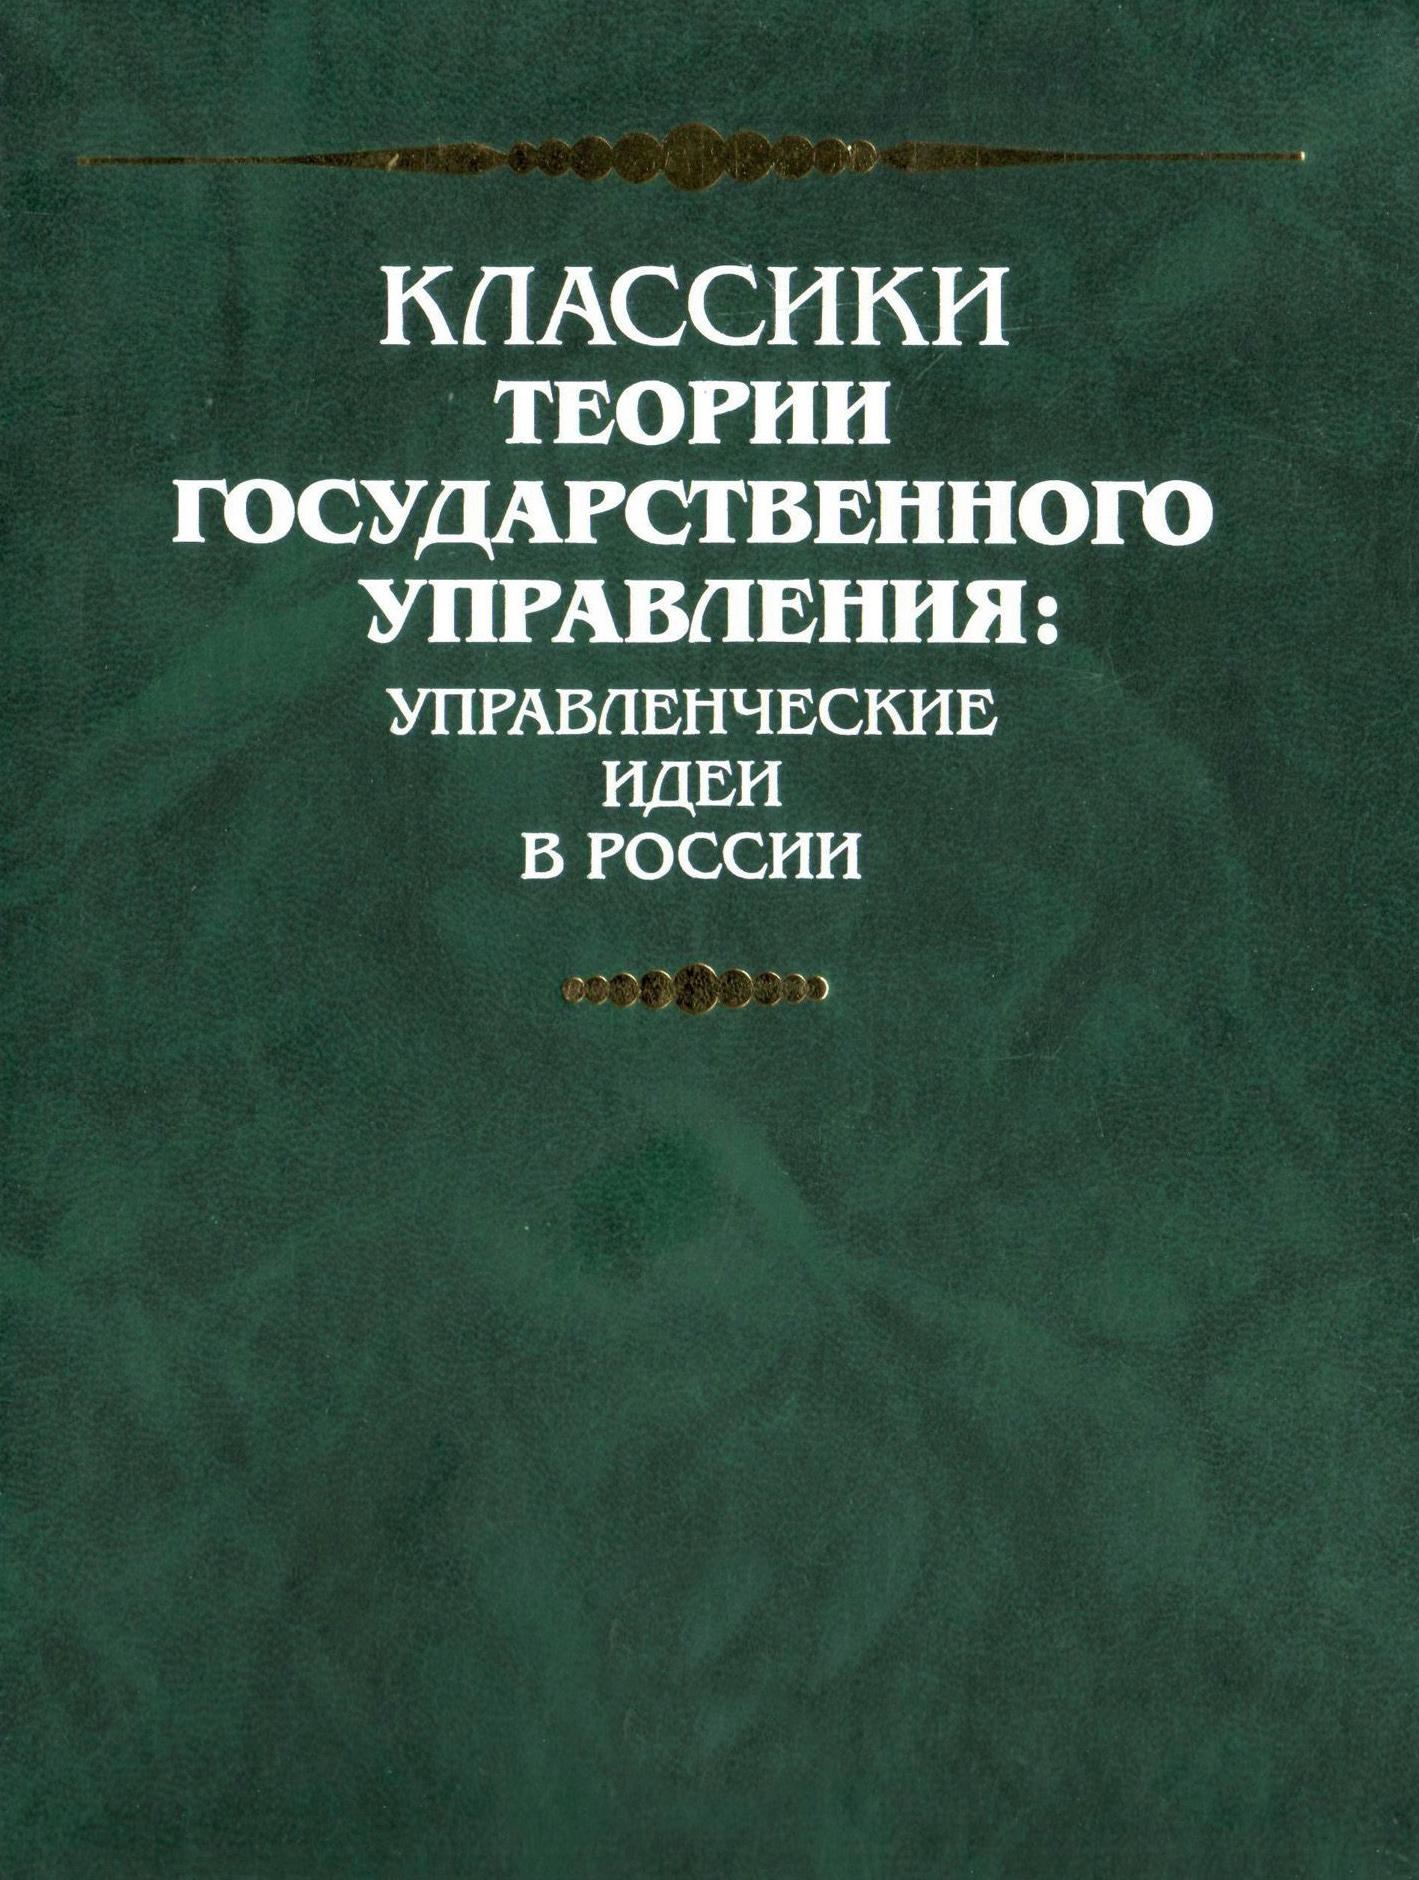 Максим Максимович Ковалевский Взаимоотношение свободы и общественной солидарности сергей ковалевский нас даже смерть не